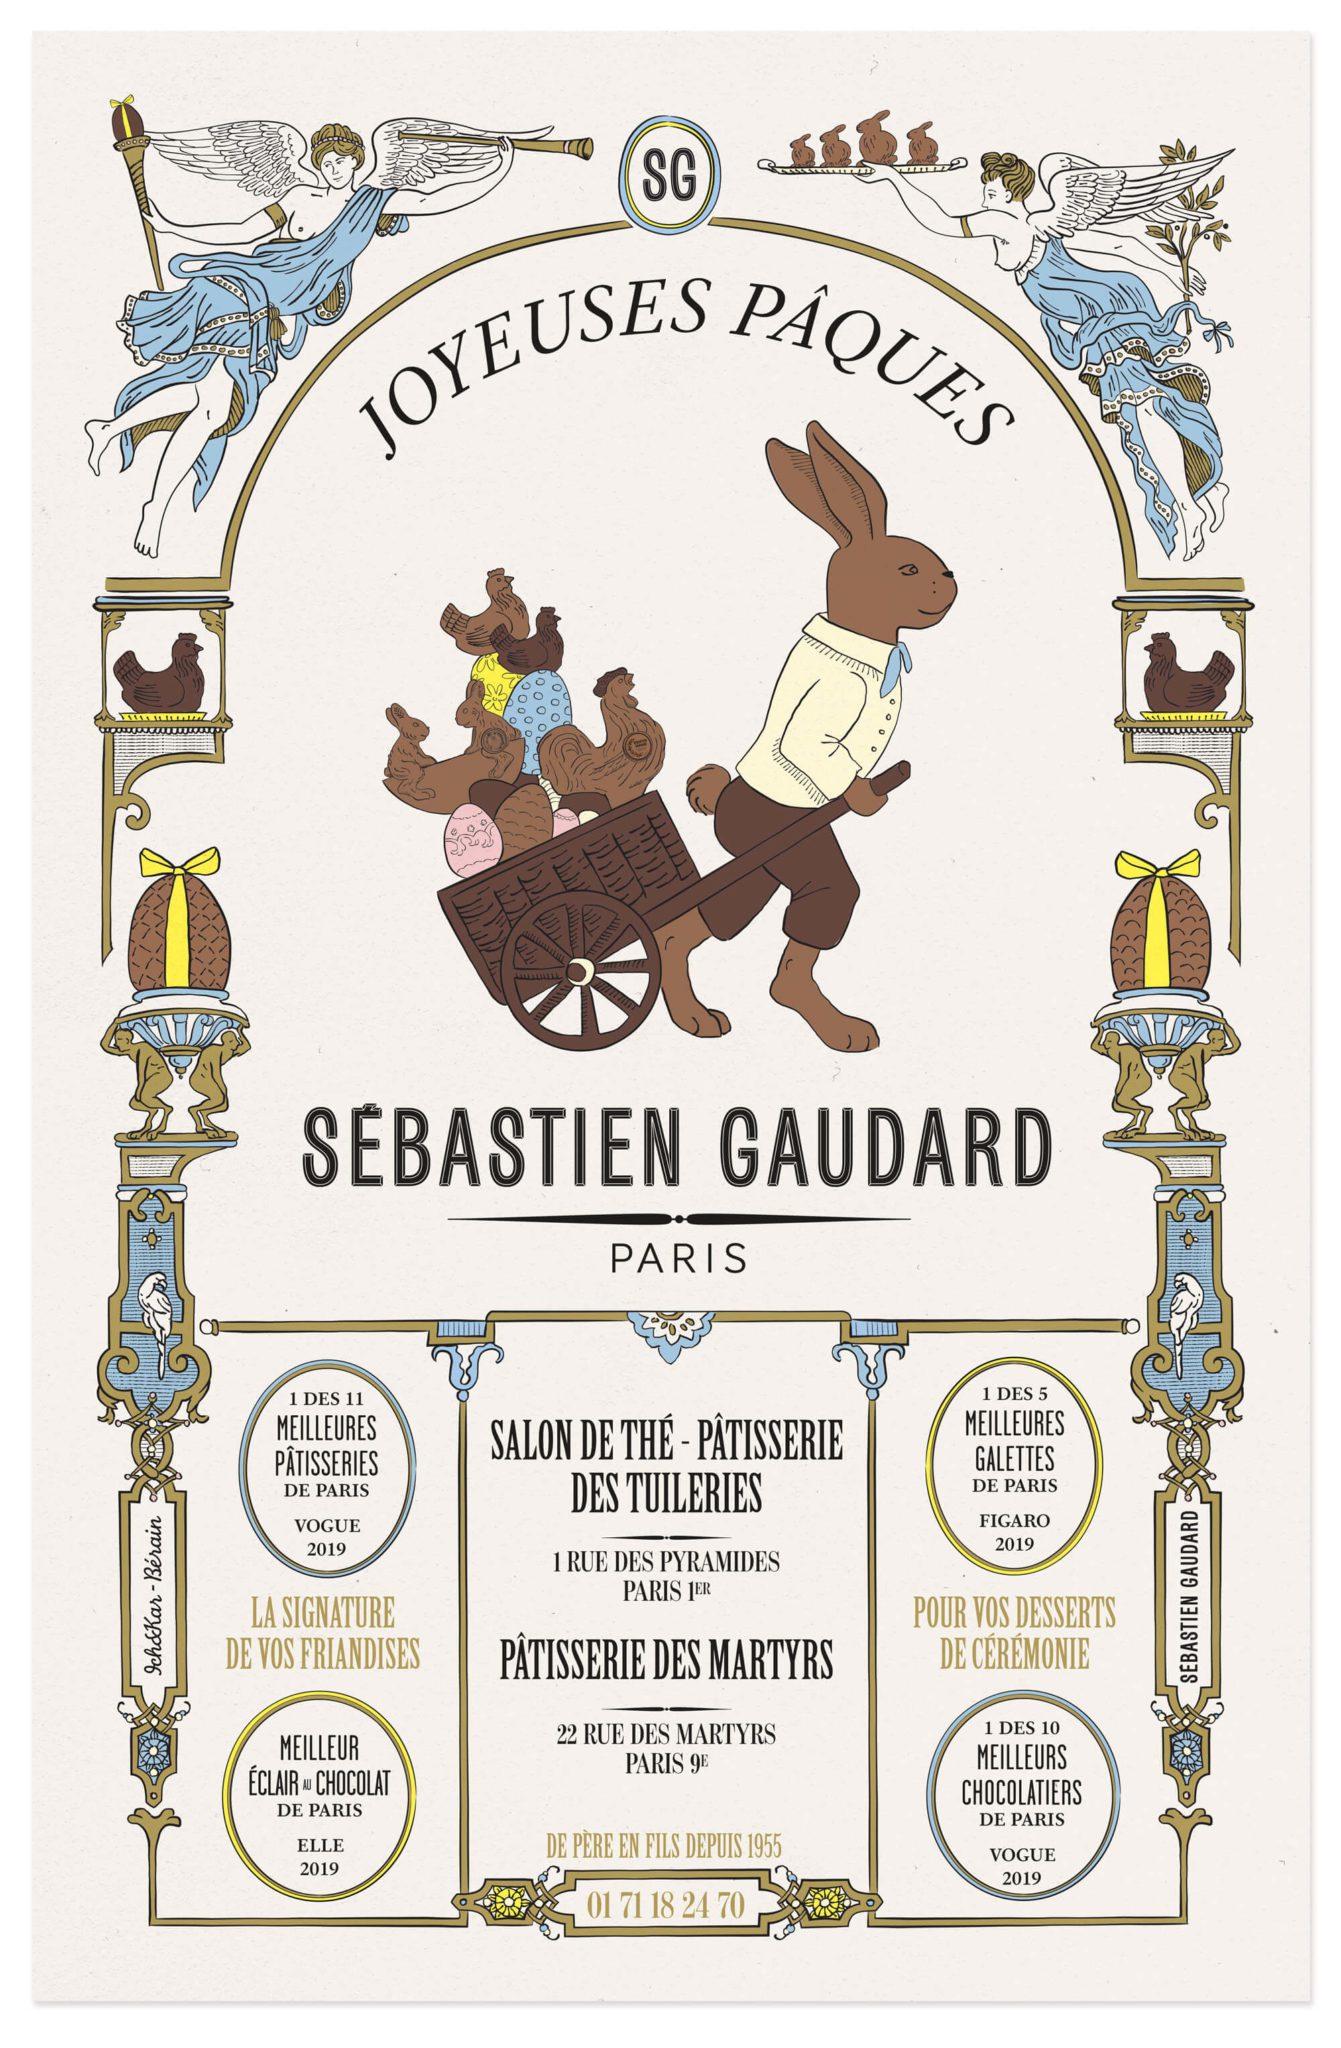 affiche illustrée reprenant un style vintage pour le patissier sébatien gaudard, réalisé par le studio Ich&kar pour les fêtes de pâques 2019